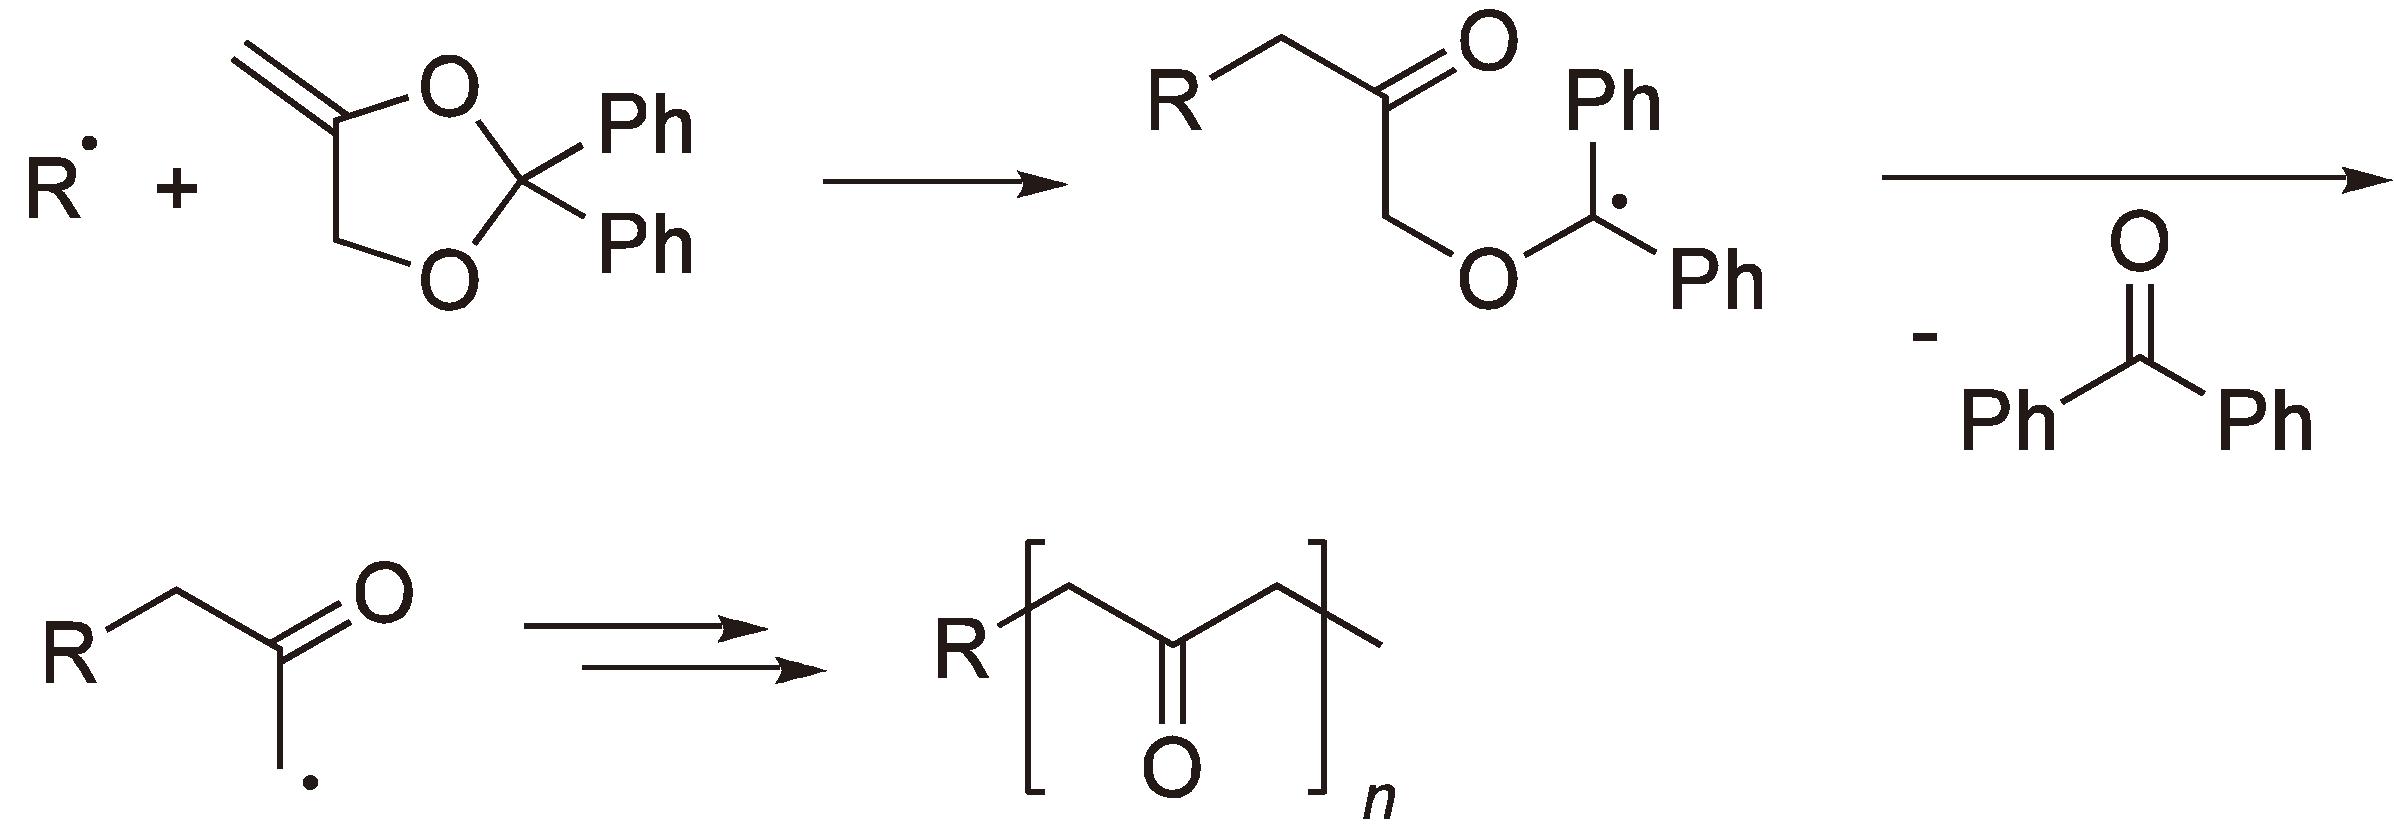 ring opening metathesis polymerization review